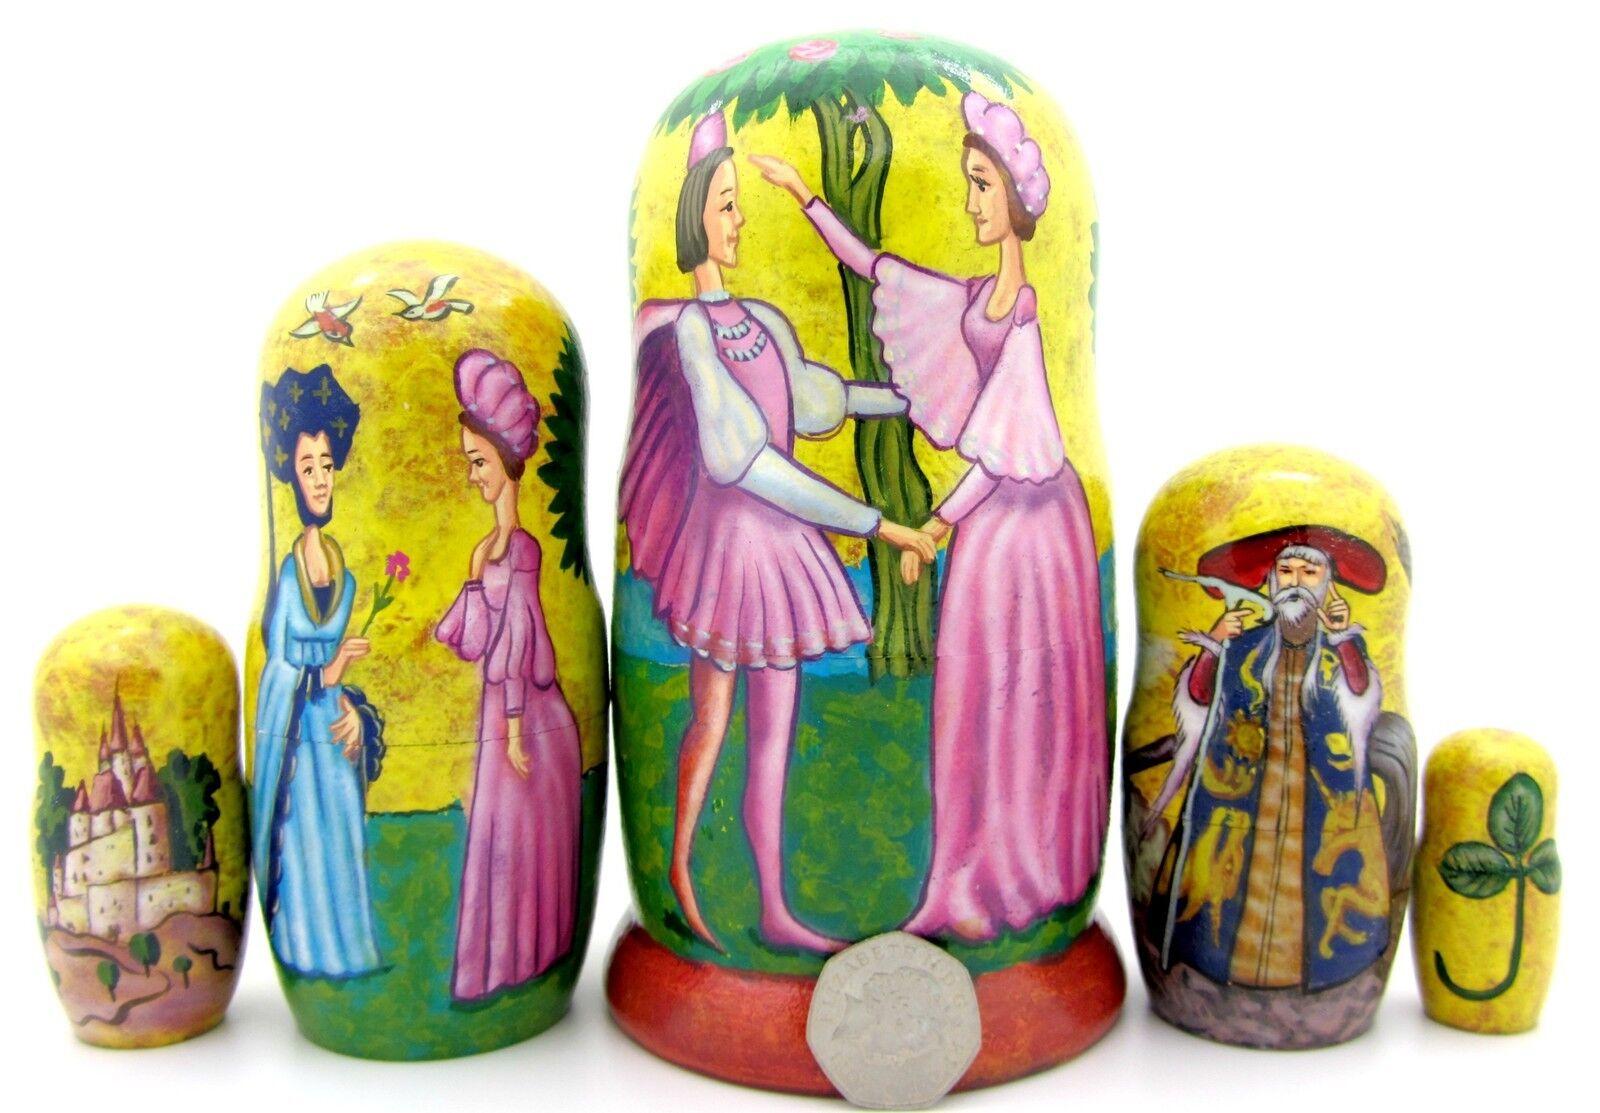 Matrioska Nidificazione Dtuttia Russia Bambole Baautobushka Originale 5 inglese Fairy   profitto zero